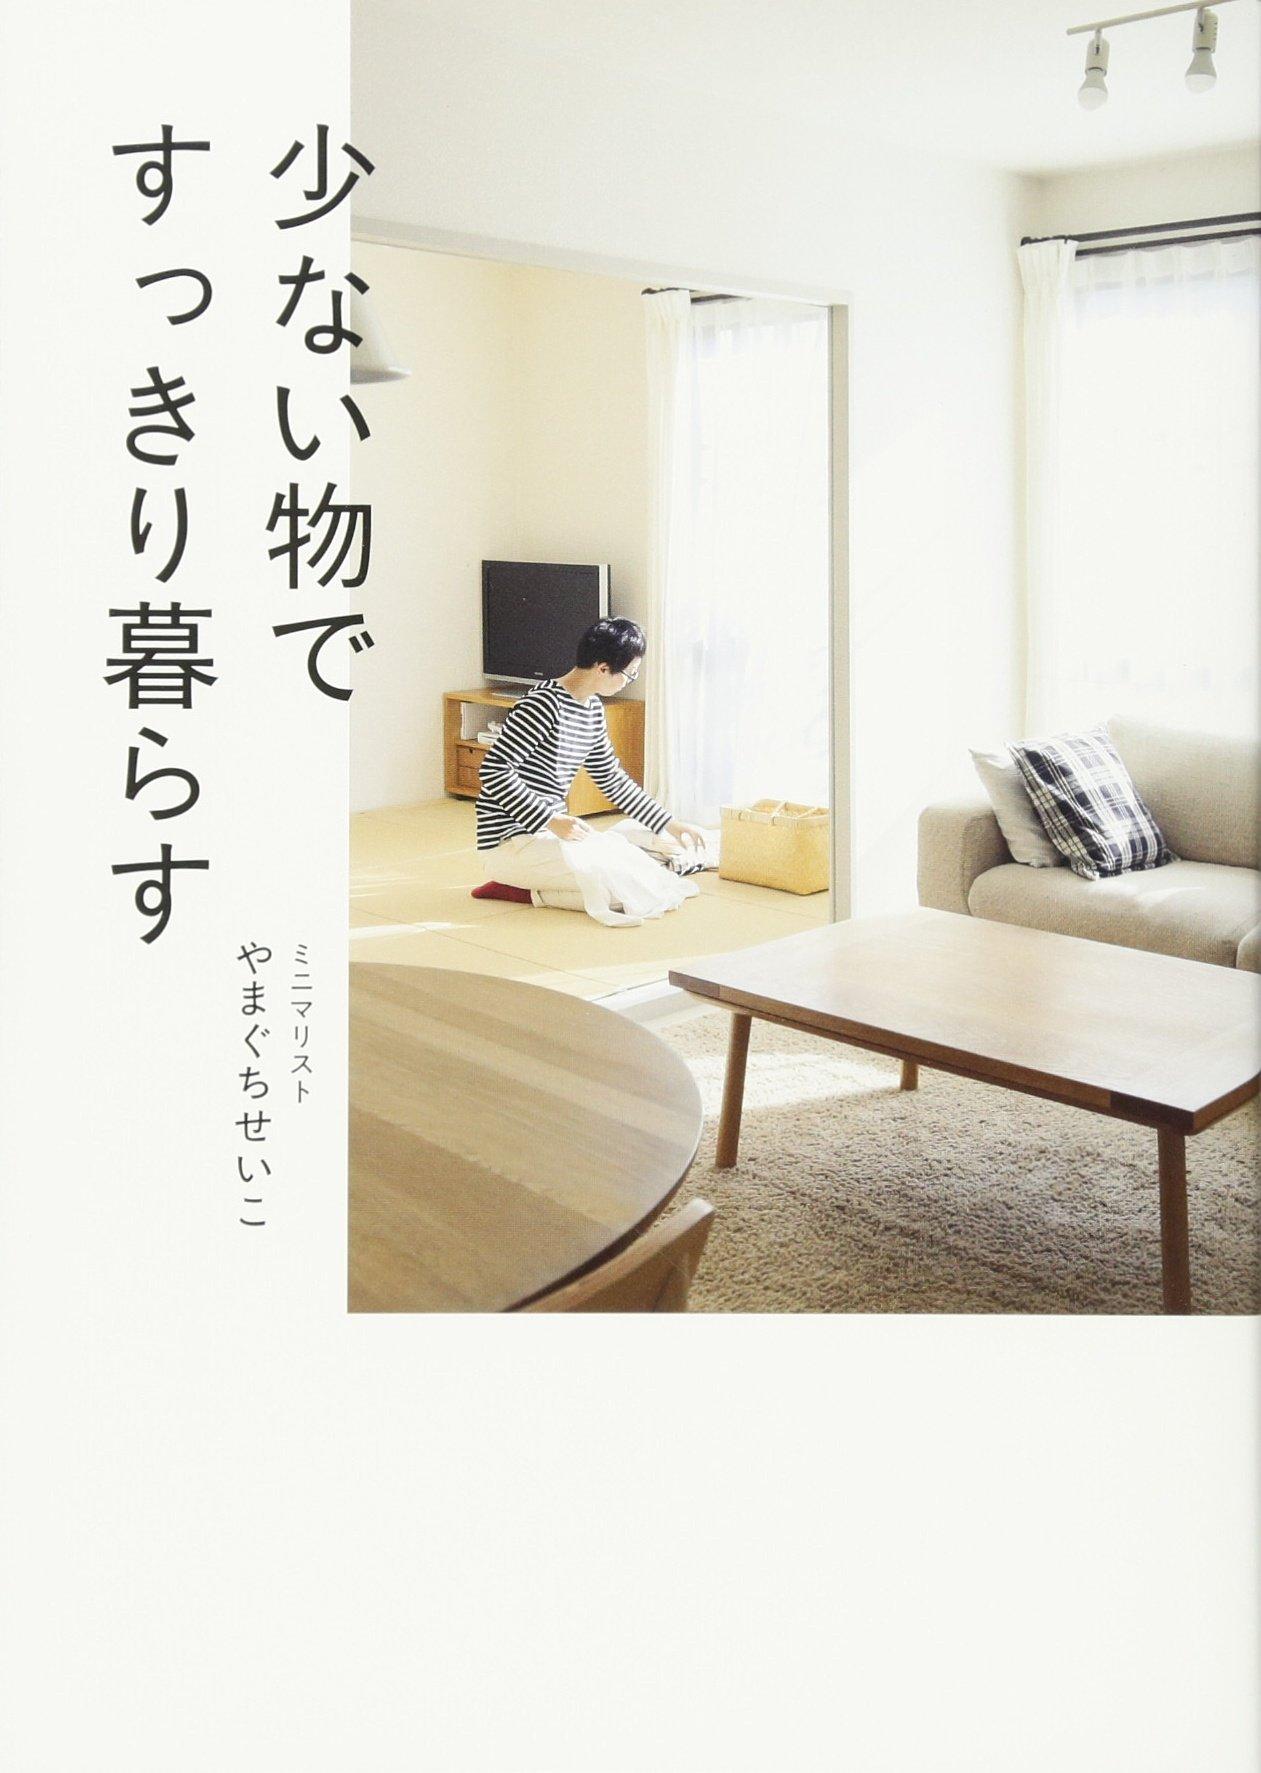 秋子 ミニマ ブログ リスト